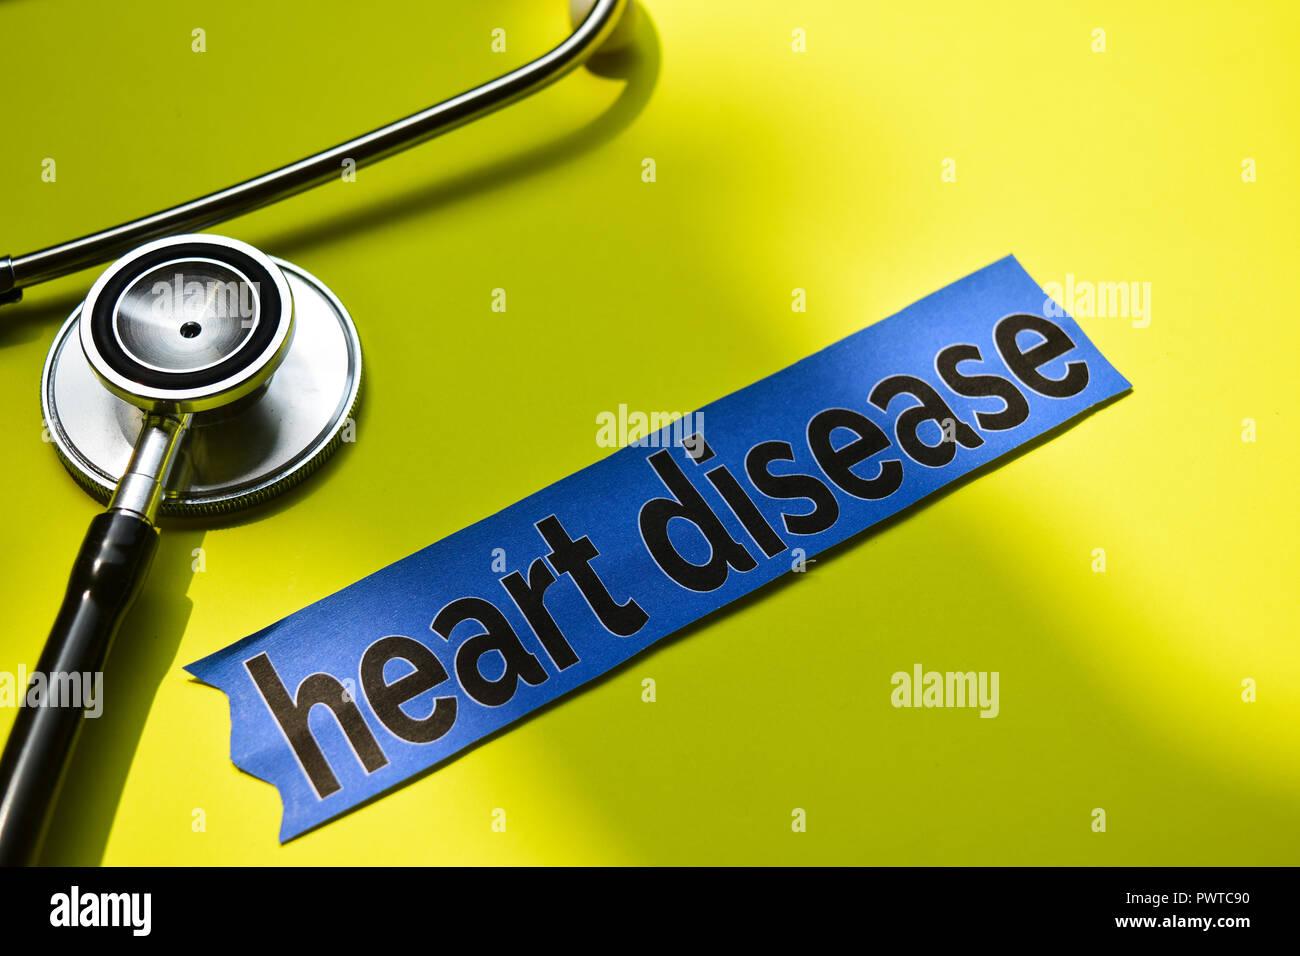 La maladie de coeur with stethoscope concept inspiration sur fond jaune Photo Stock